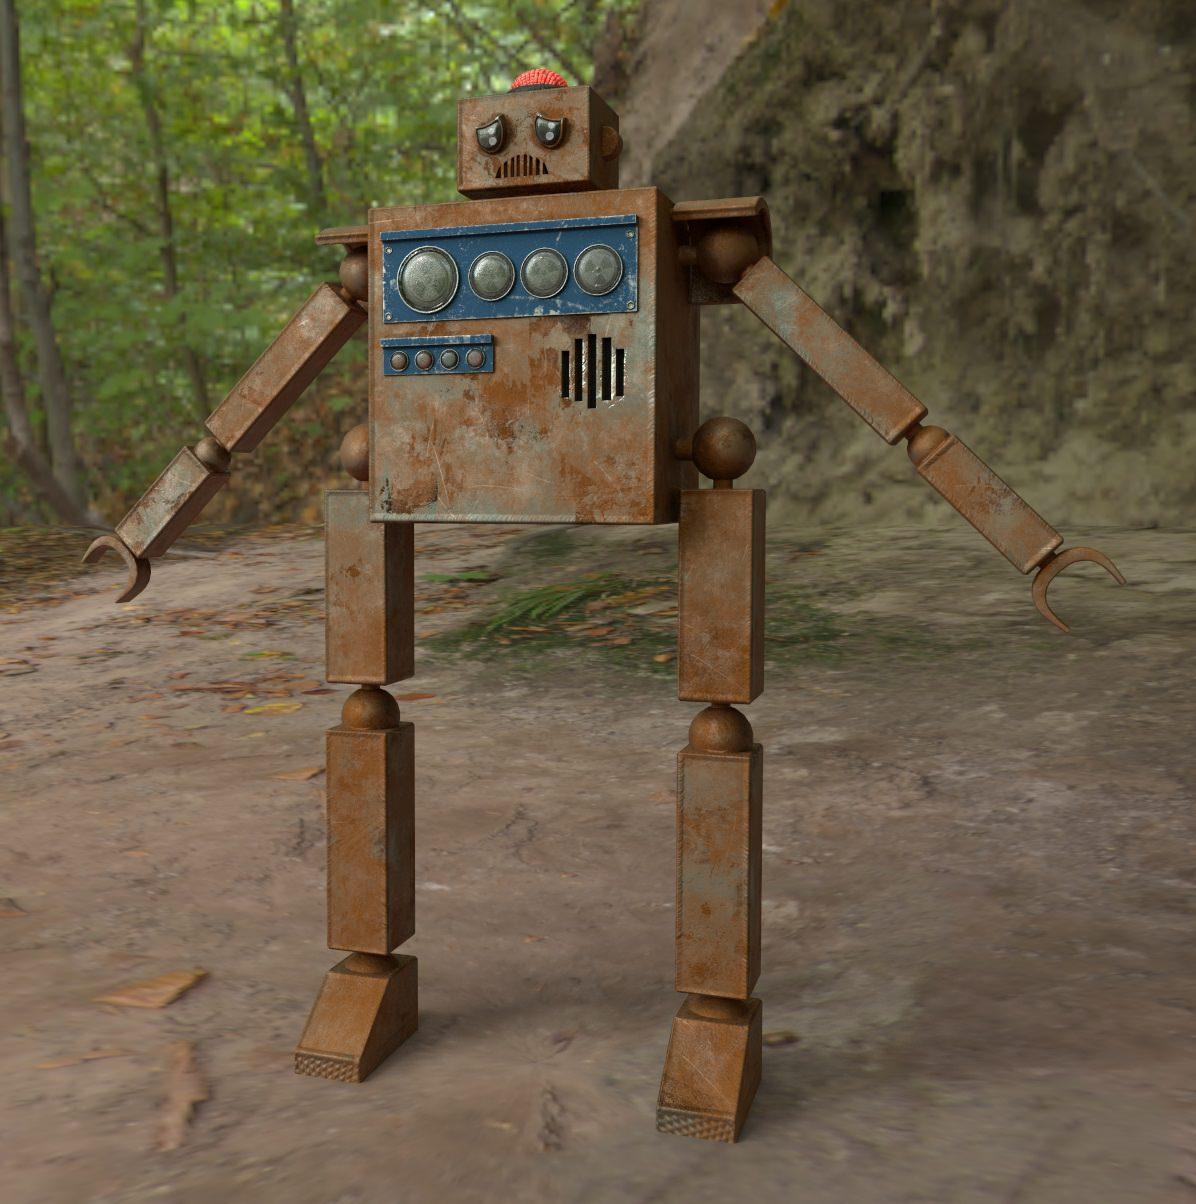 Robot Encounter – Texturing